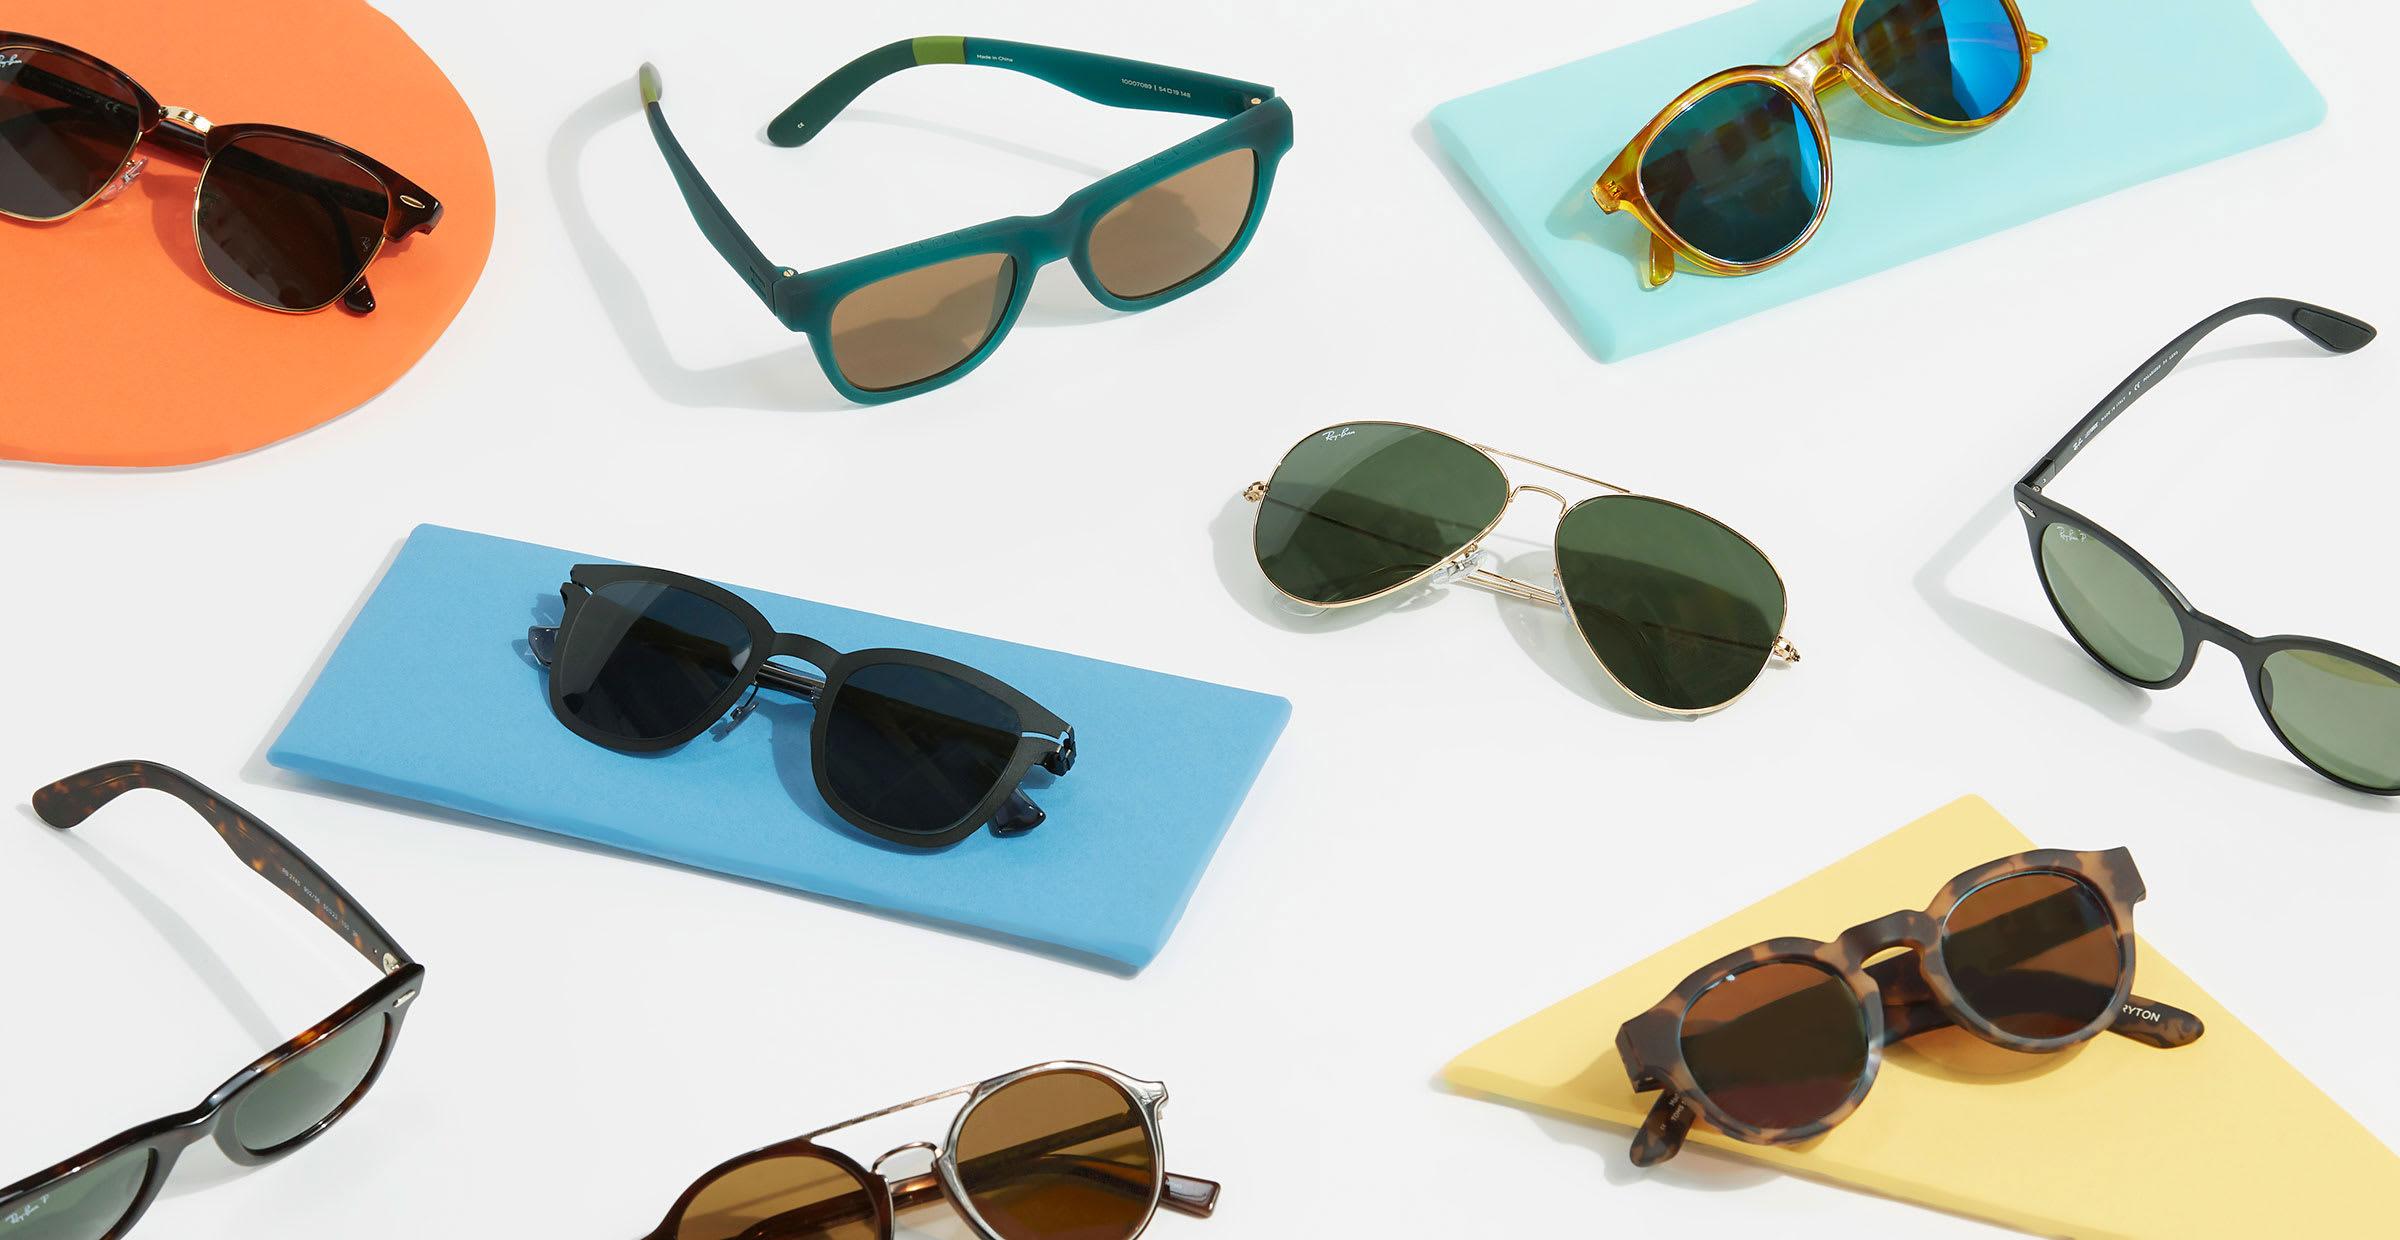 Essential Men's Sunglasses Guide